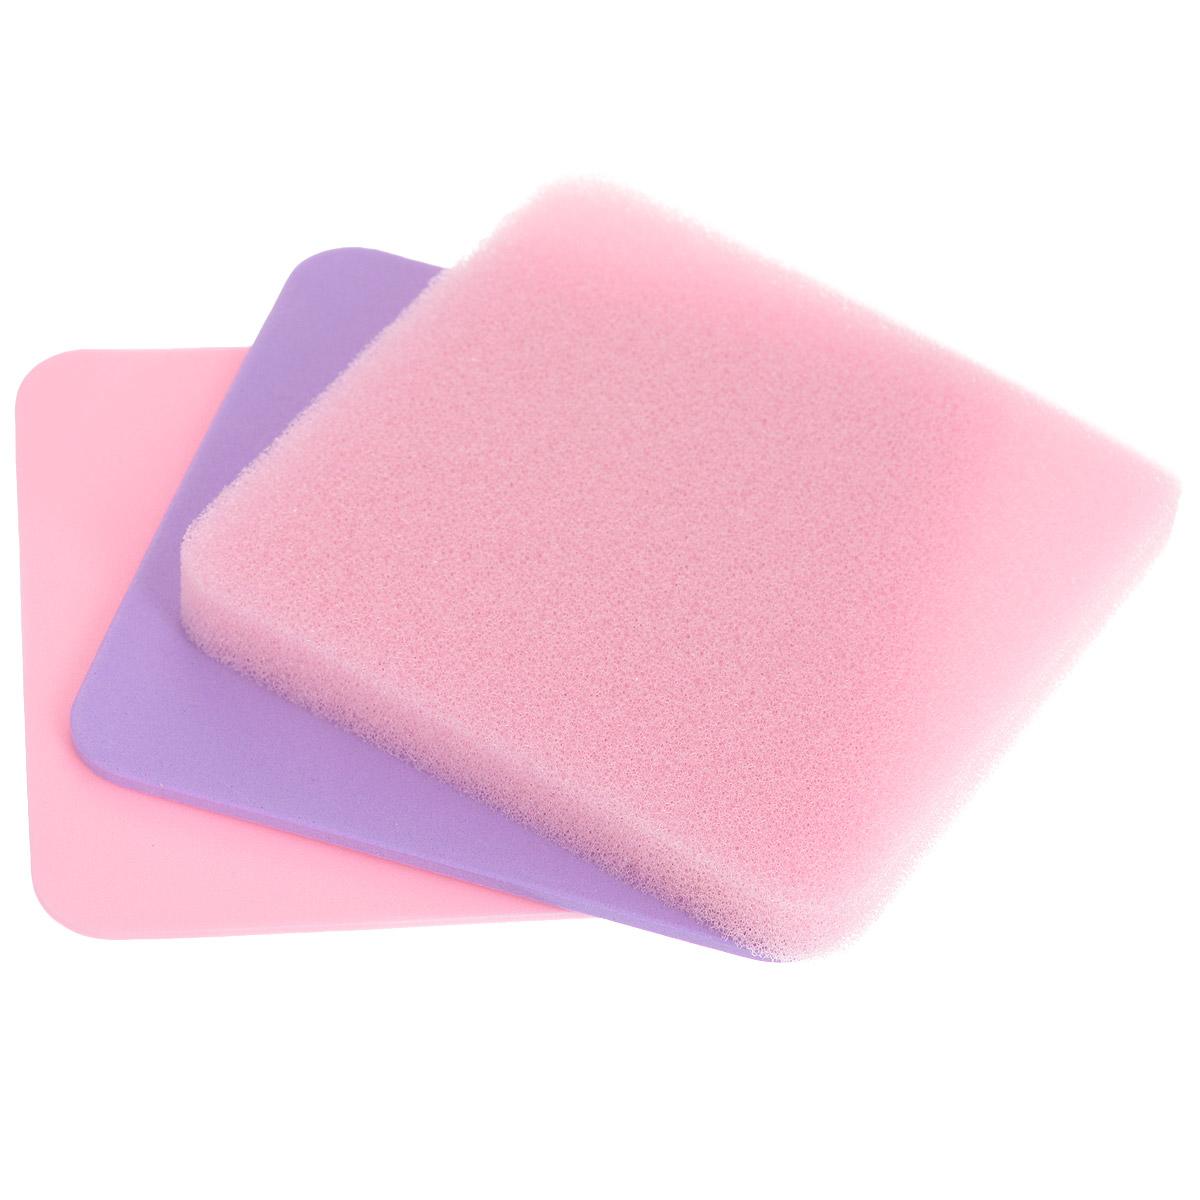 Набор губчатых основ Wilton, цвет: розовый, фиолетовый, 3 штWLT-1907-9704Набор Wilton состоит из 3 губчатых основ (1 толстая, 2 тонких), изготовленных из полиуретана и использующихся в кондитерском творчестве. Губки - это прекрасная мягкая поверхность для формирования съедобных цветов, листьев и других форм из мастики и моделирующей пасты. Тонкую губку лучше всего использовать для утончения краев лепестков с помощью шарикового инструмента, скручивания стеблей, создания волнистых полосок. Толстую губку рекомендуется использовать для такой работы, как вдавливание цветочного центра. Размер губок: 10,16 см х 10,16 см.Толщина губок: 0,18 см, 0,32 см, 1,27 см.